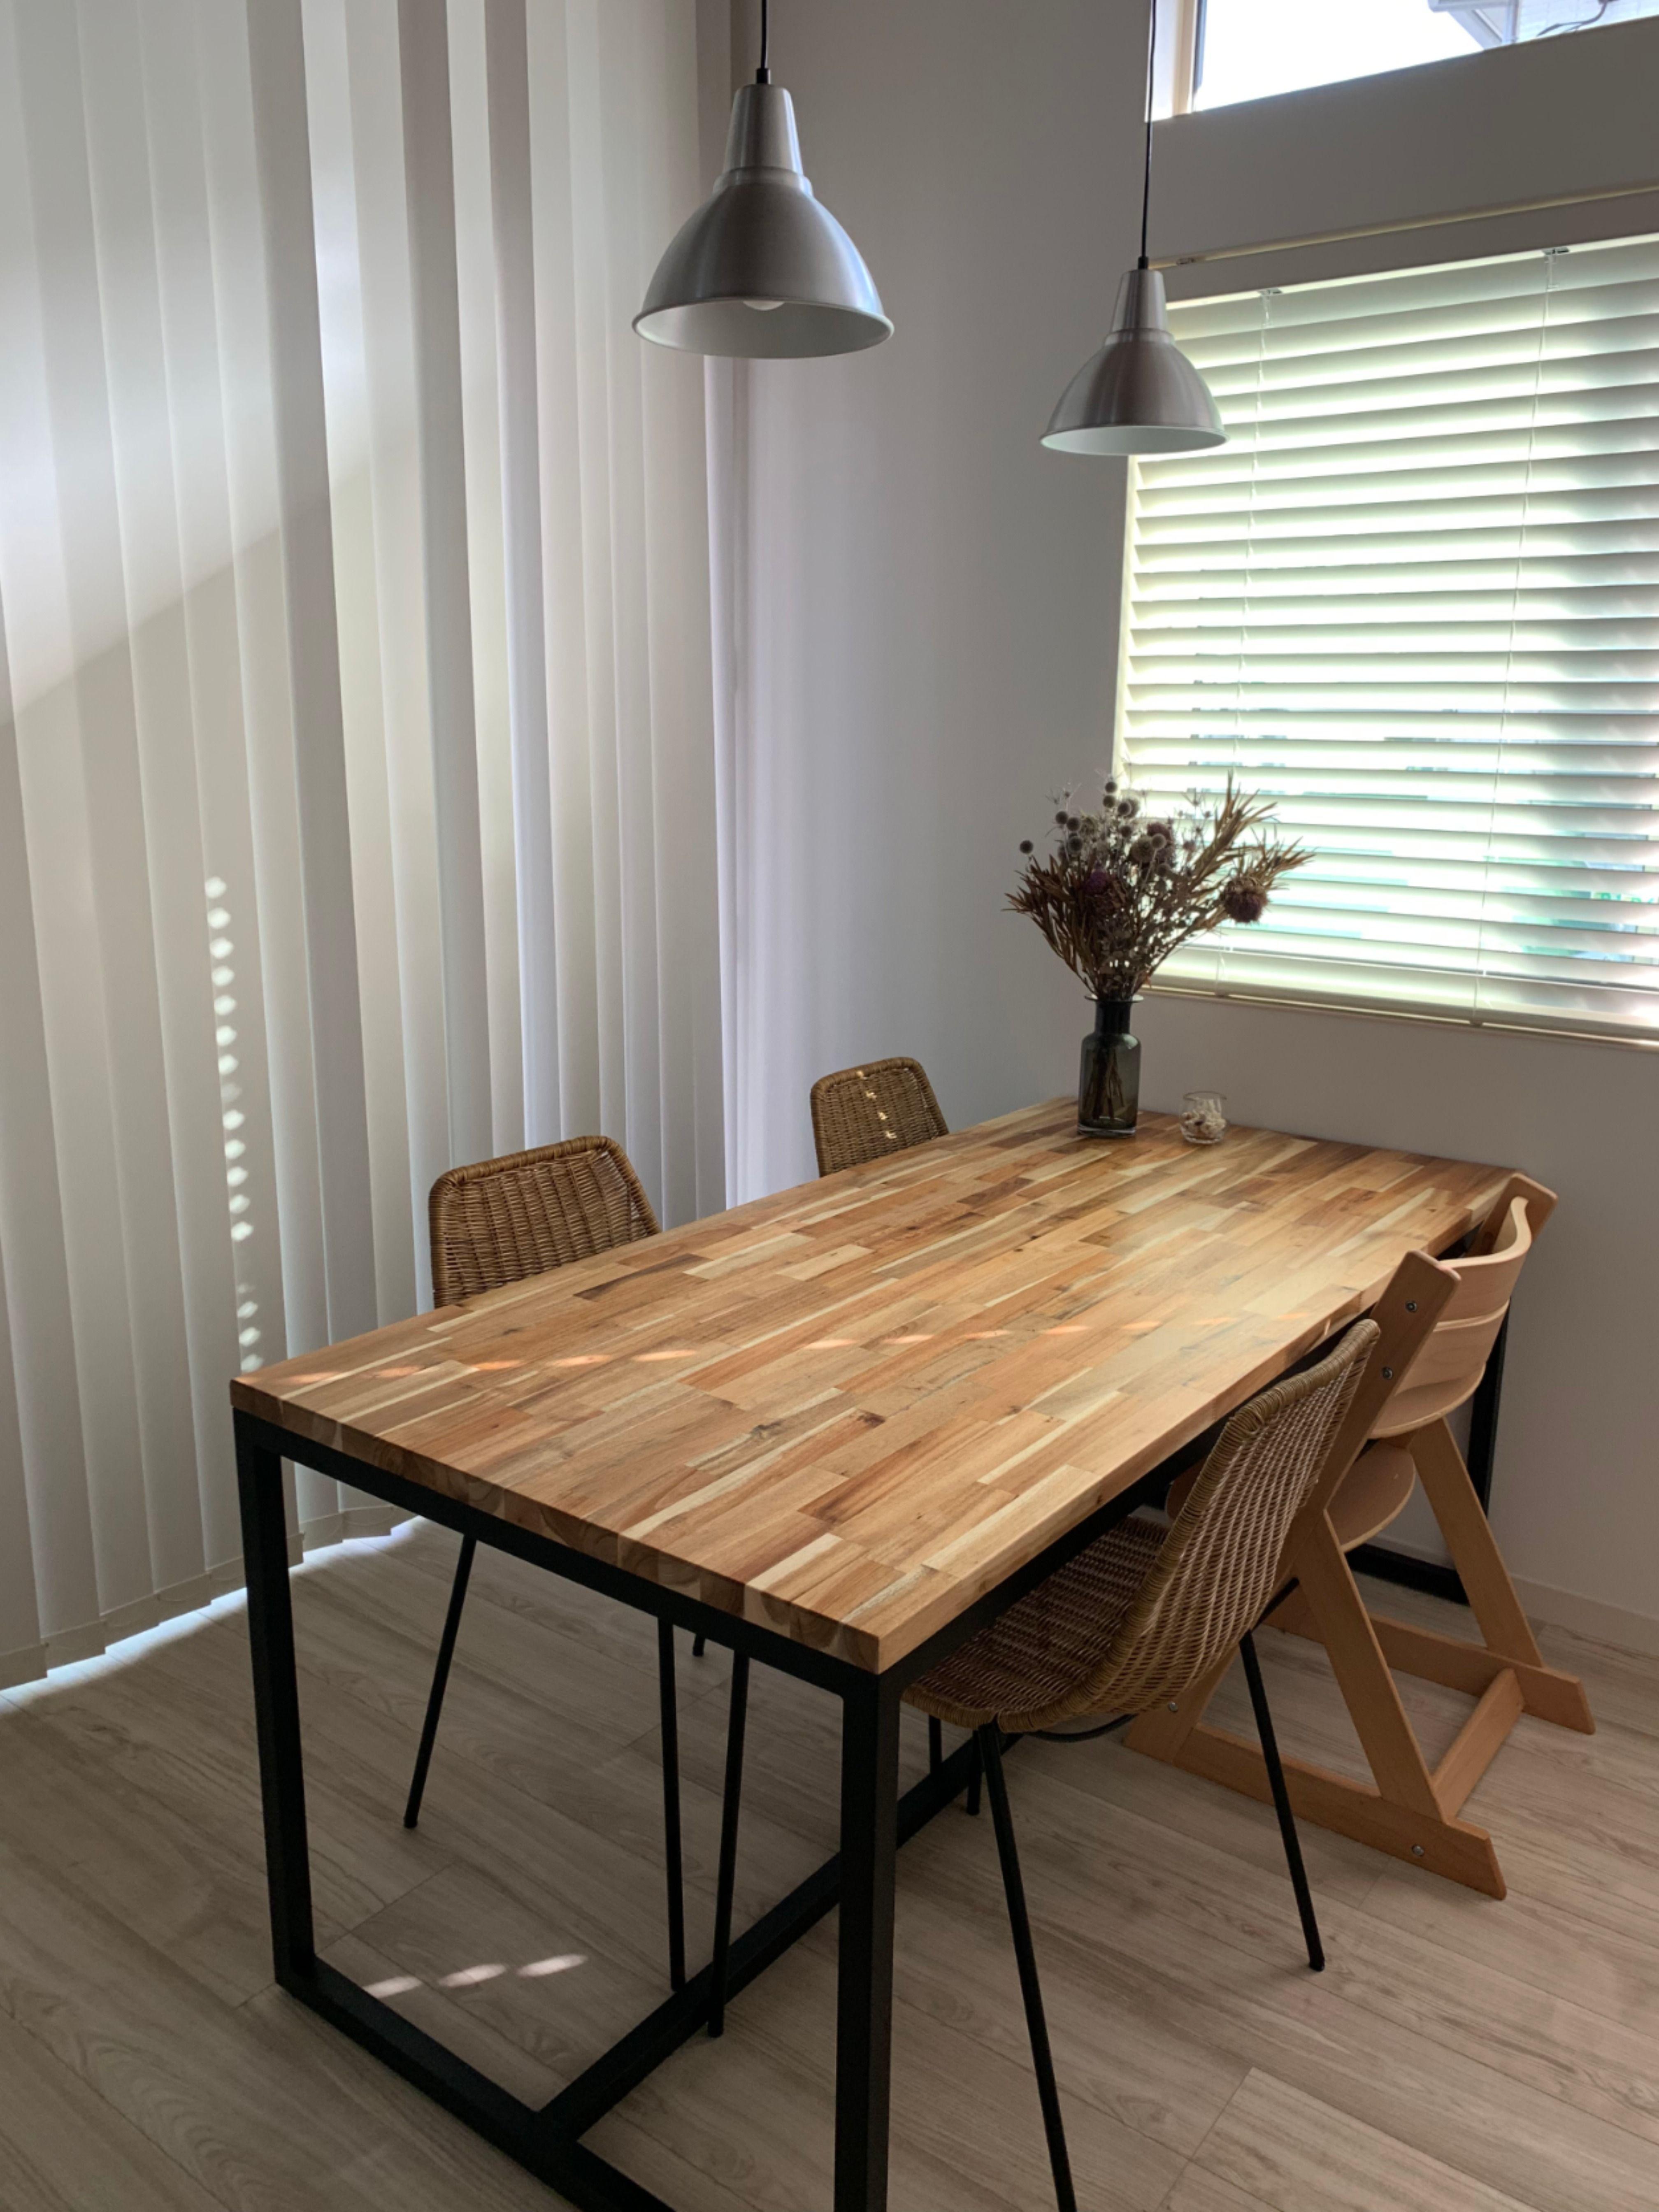 アカシアのダイニングテーブル インテリア 家具 ダイニングテーブル Diy テーブル